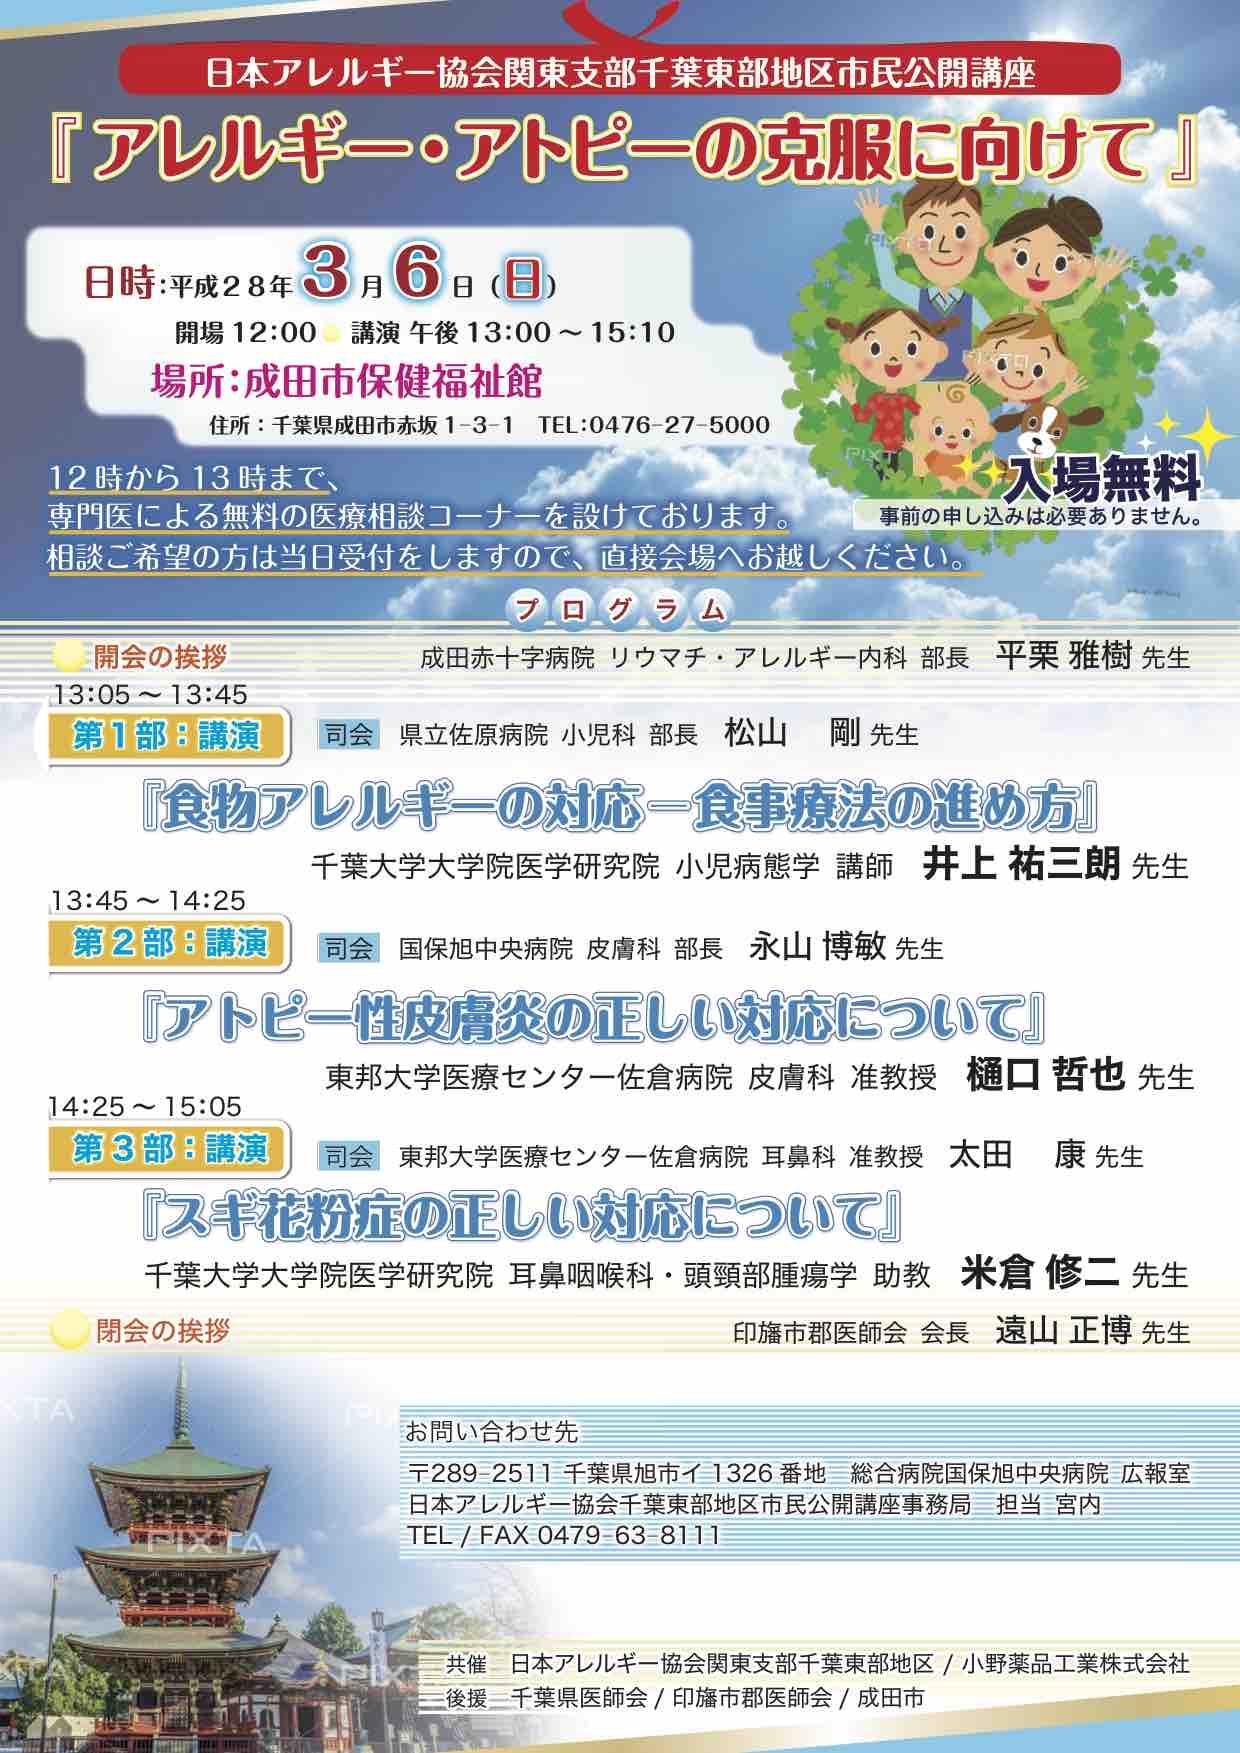 日本アレルギー協会関東支部千葉東部地区市民公開講座